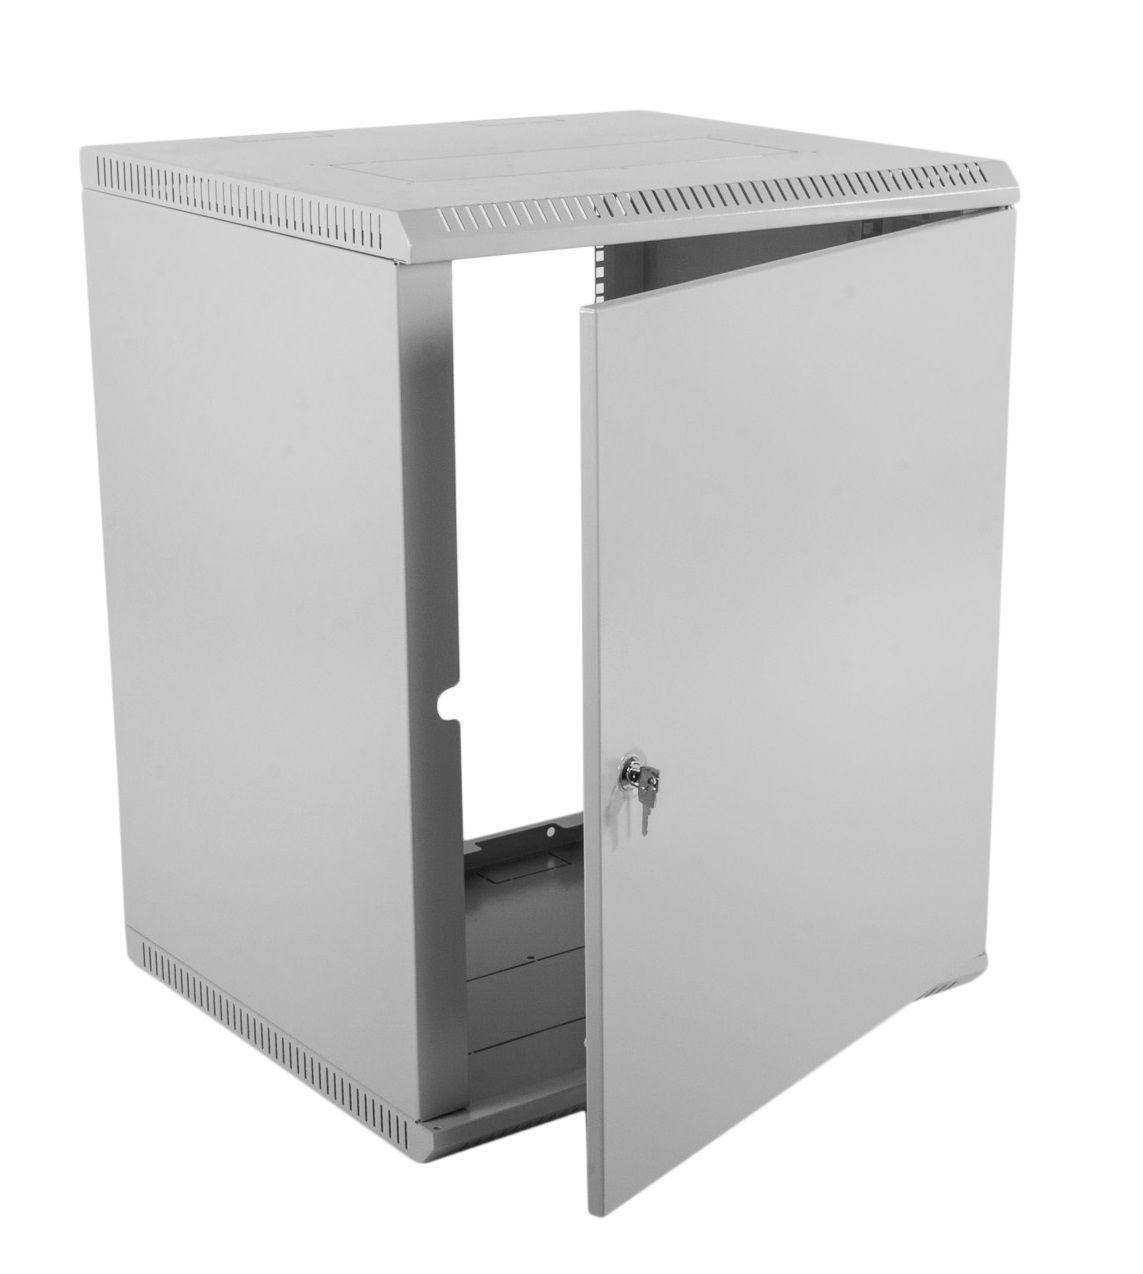 Шкаф ЦМО настенный 12U 600х520 (ШРН-Э-12.500.1)